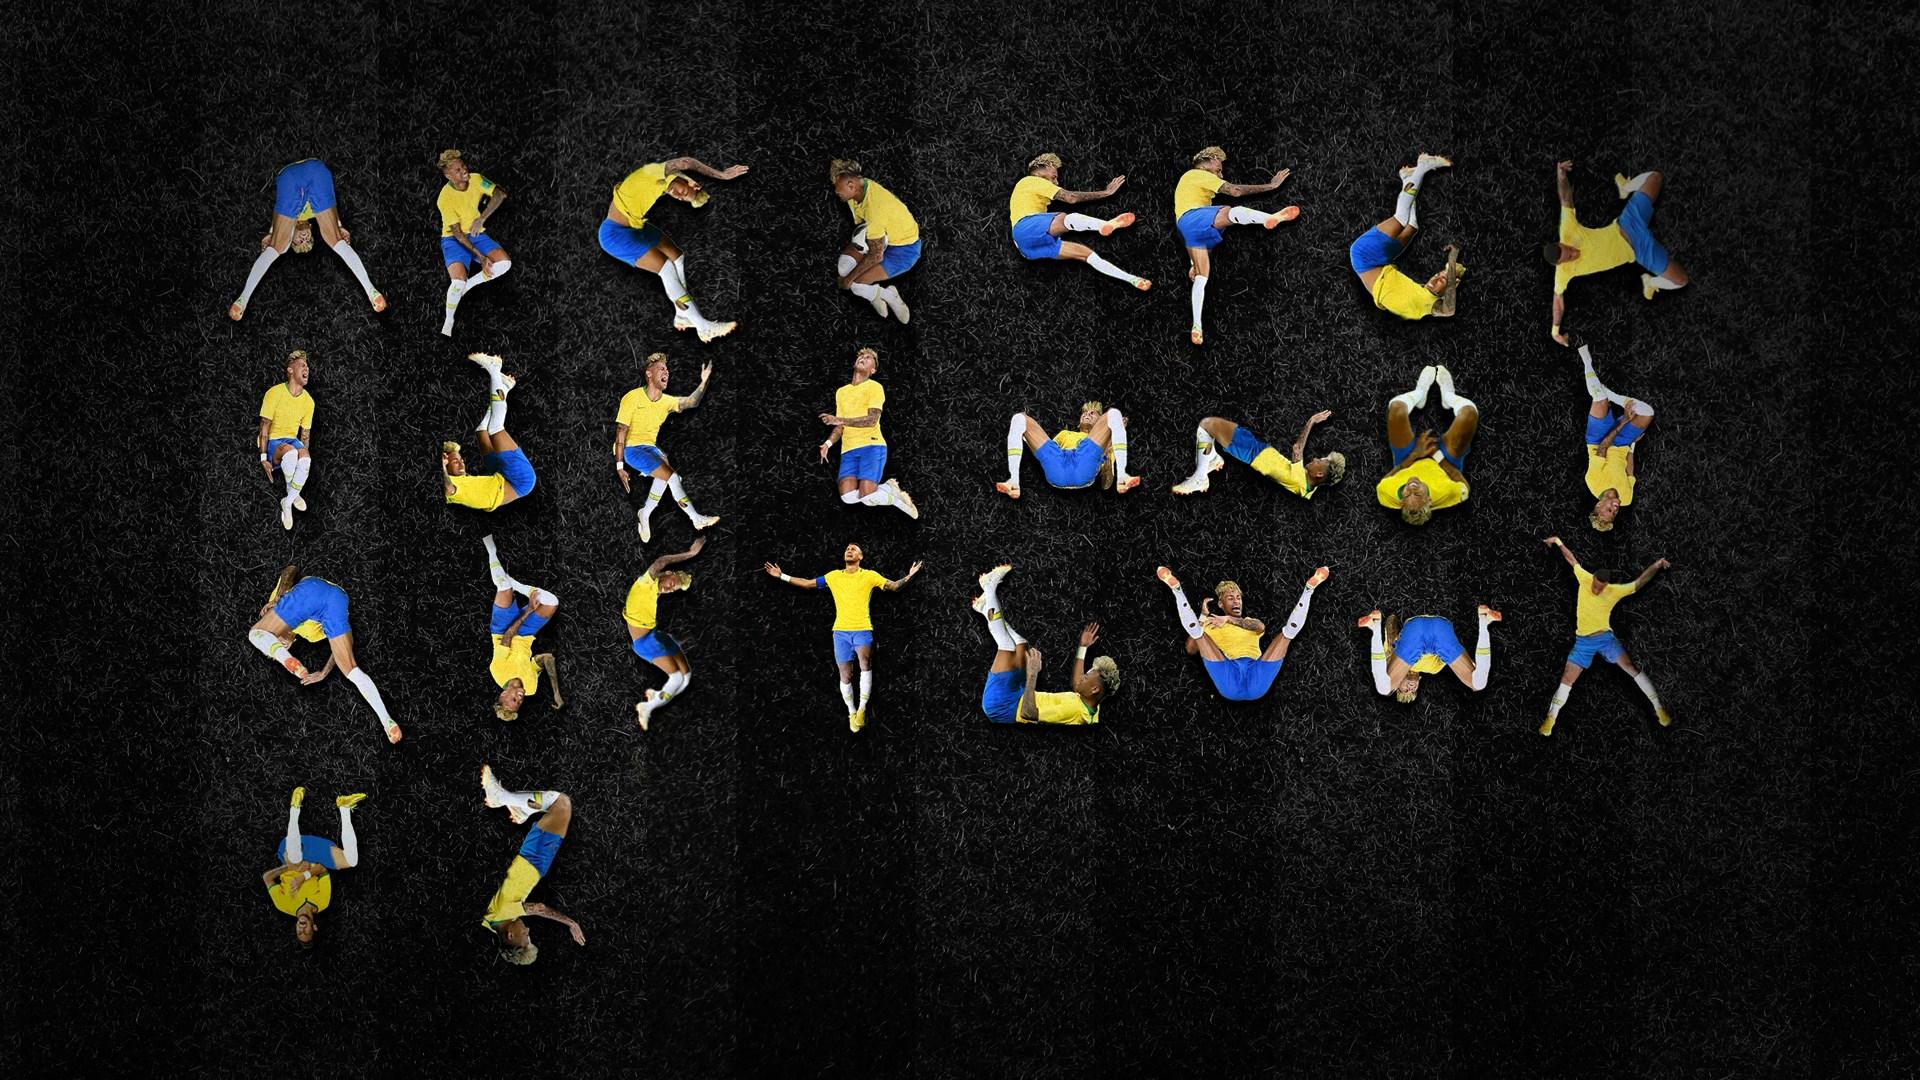 滾出26個英文字!巴西設計師集成最新字體「內馬爾滾體」開放下載